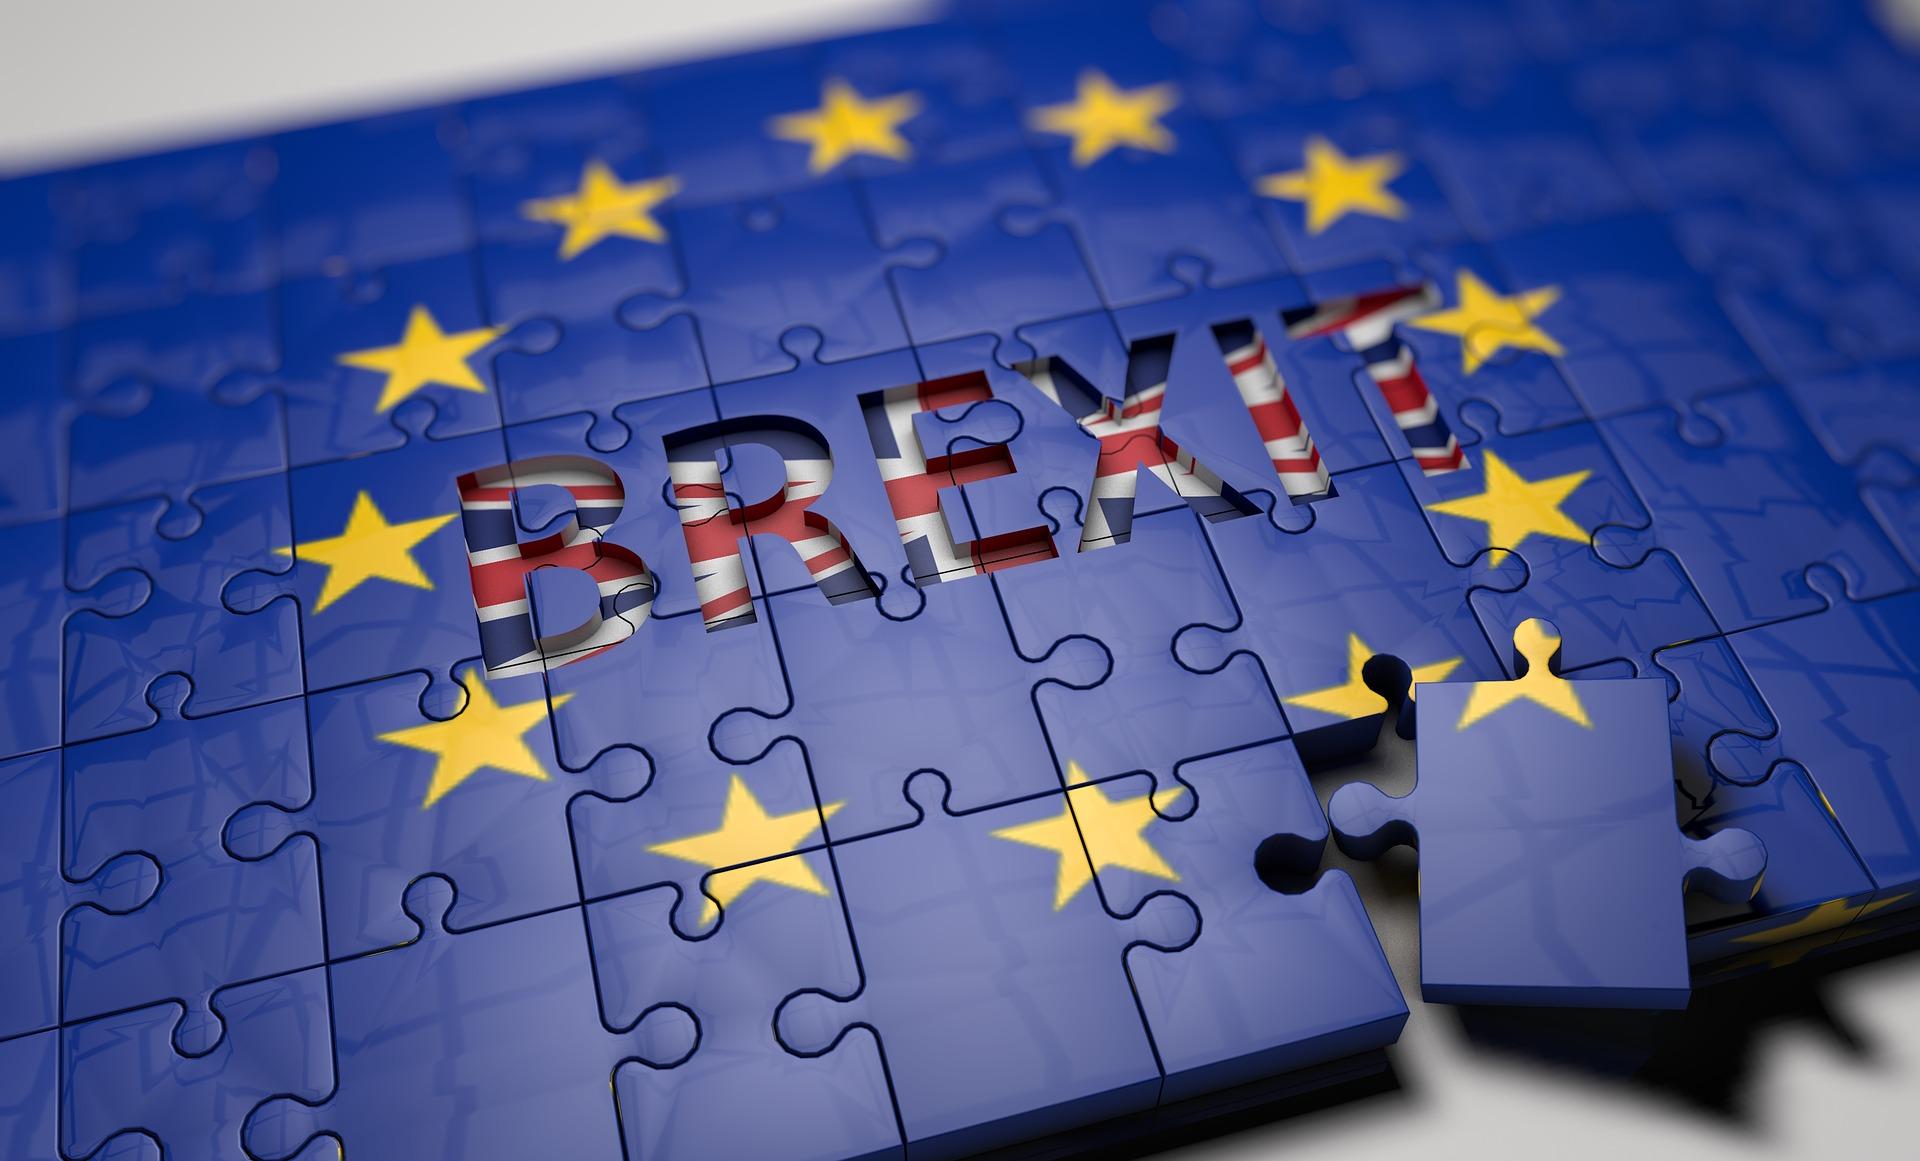 Brexicon